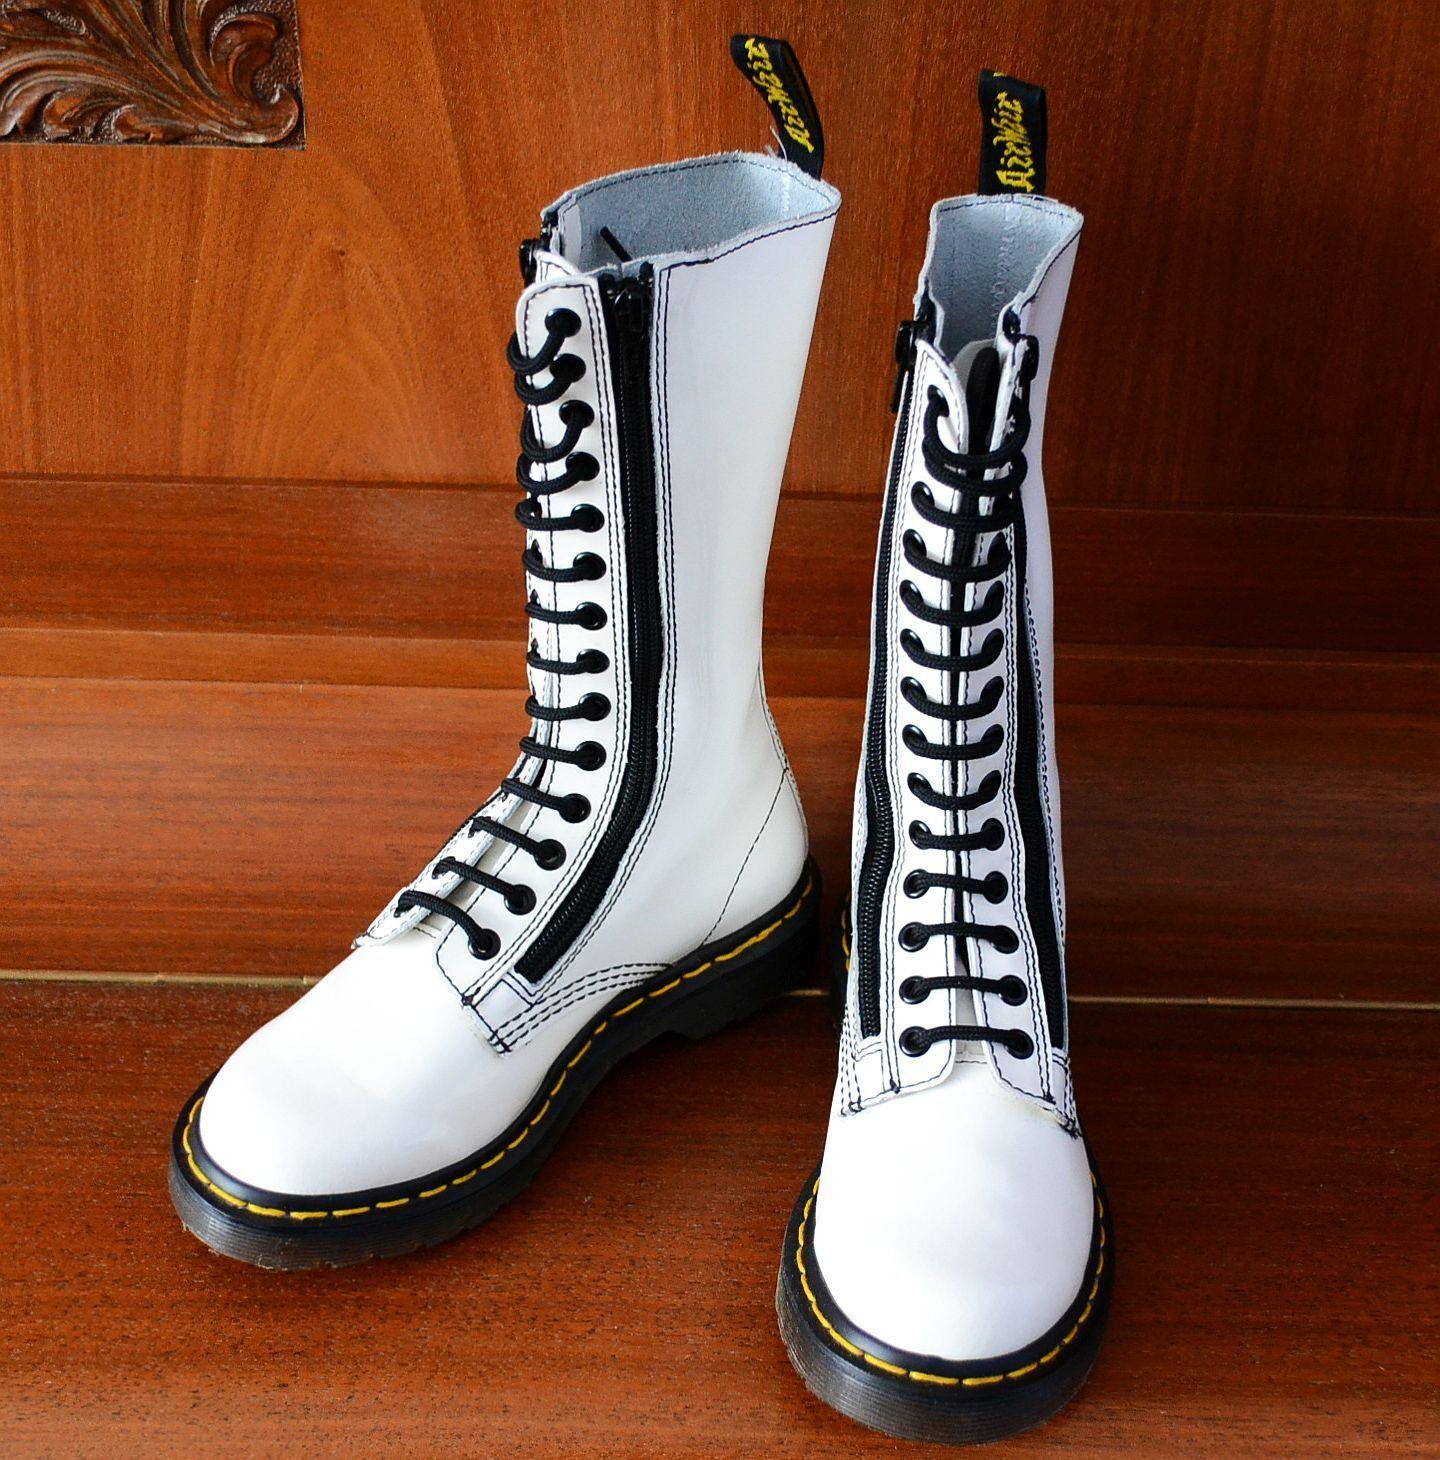 Dr. Martens 9733  W Wouomo bianca High 14 eye hole zip stivali, UK 3   EU 36  caldo